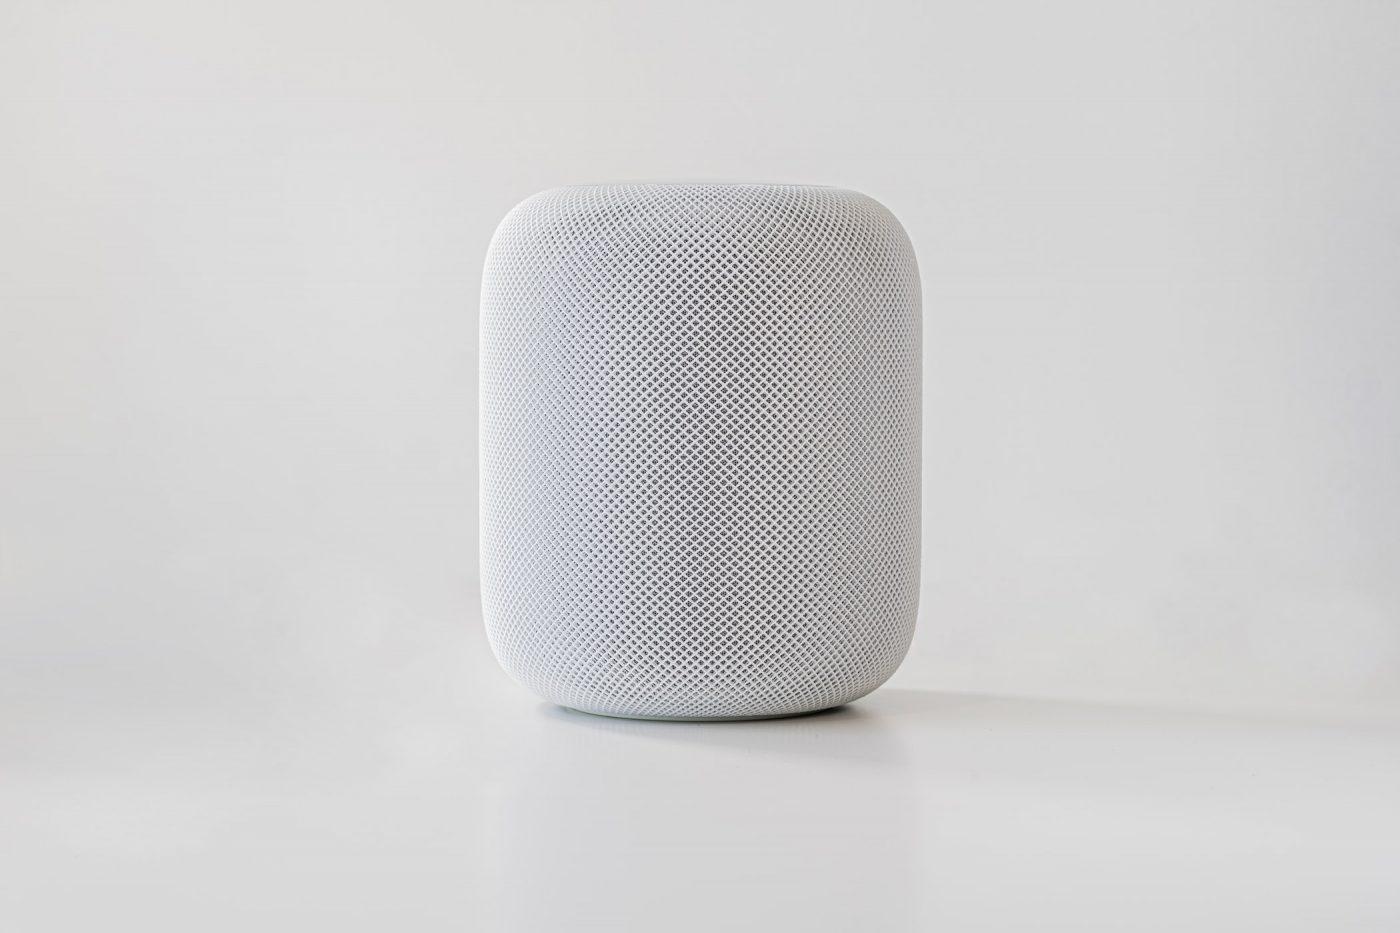 Apple HomePod - Siri HomeKit Blinds - The Electric Blind Company